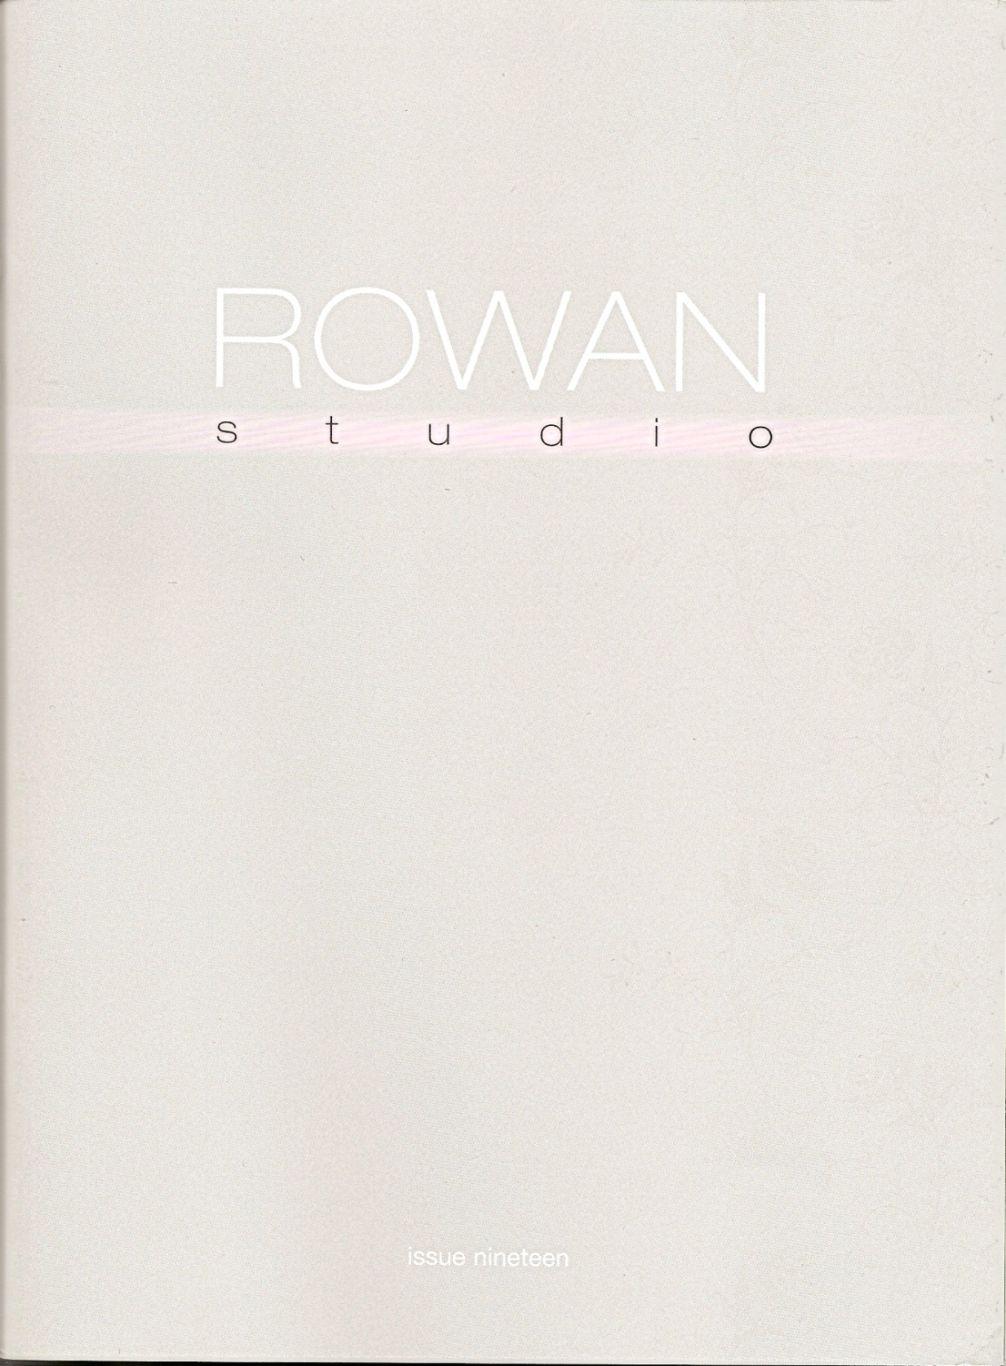 【转载】Rowan studio - 编织幸福的日志 - 网易博客